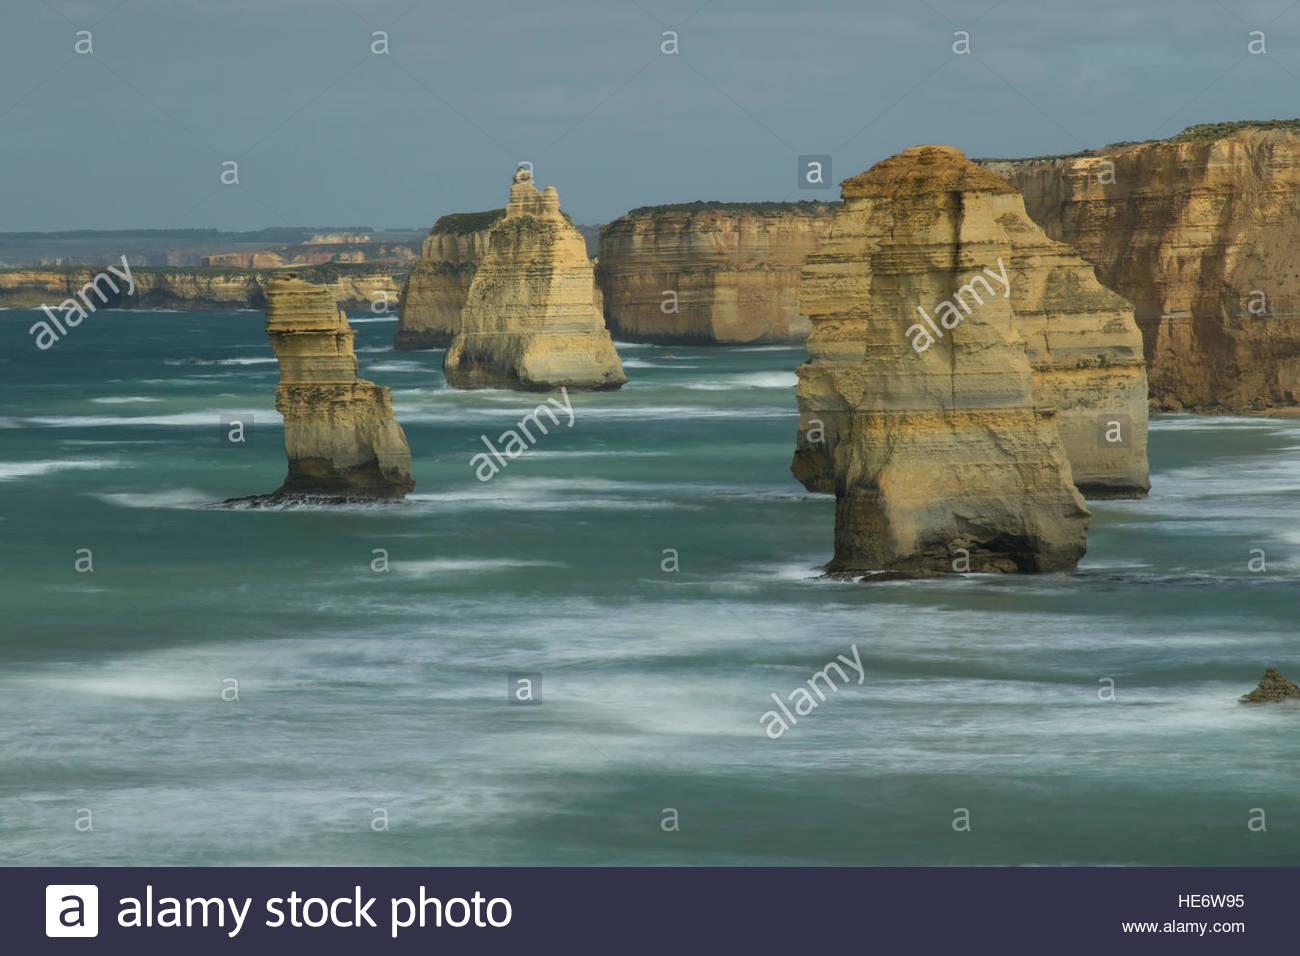 Les douze apôtres, Port Campbell National Park, Great Ocean Road, Victoria, Australie, routes panoramiques Photo Stock